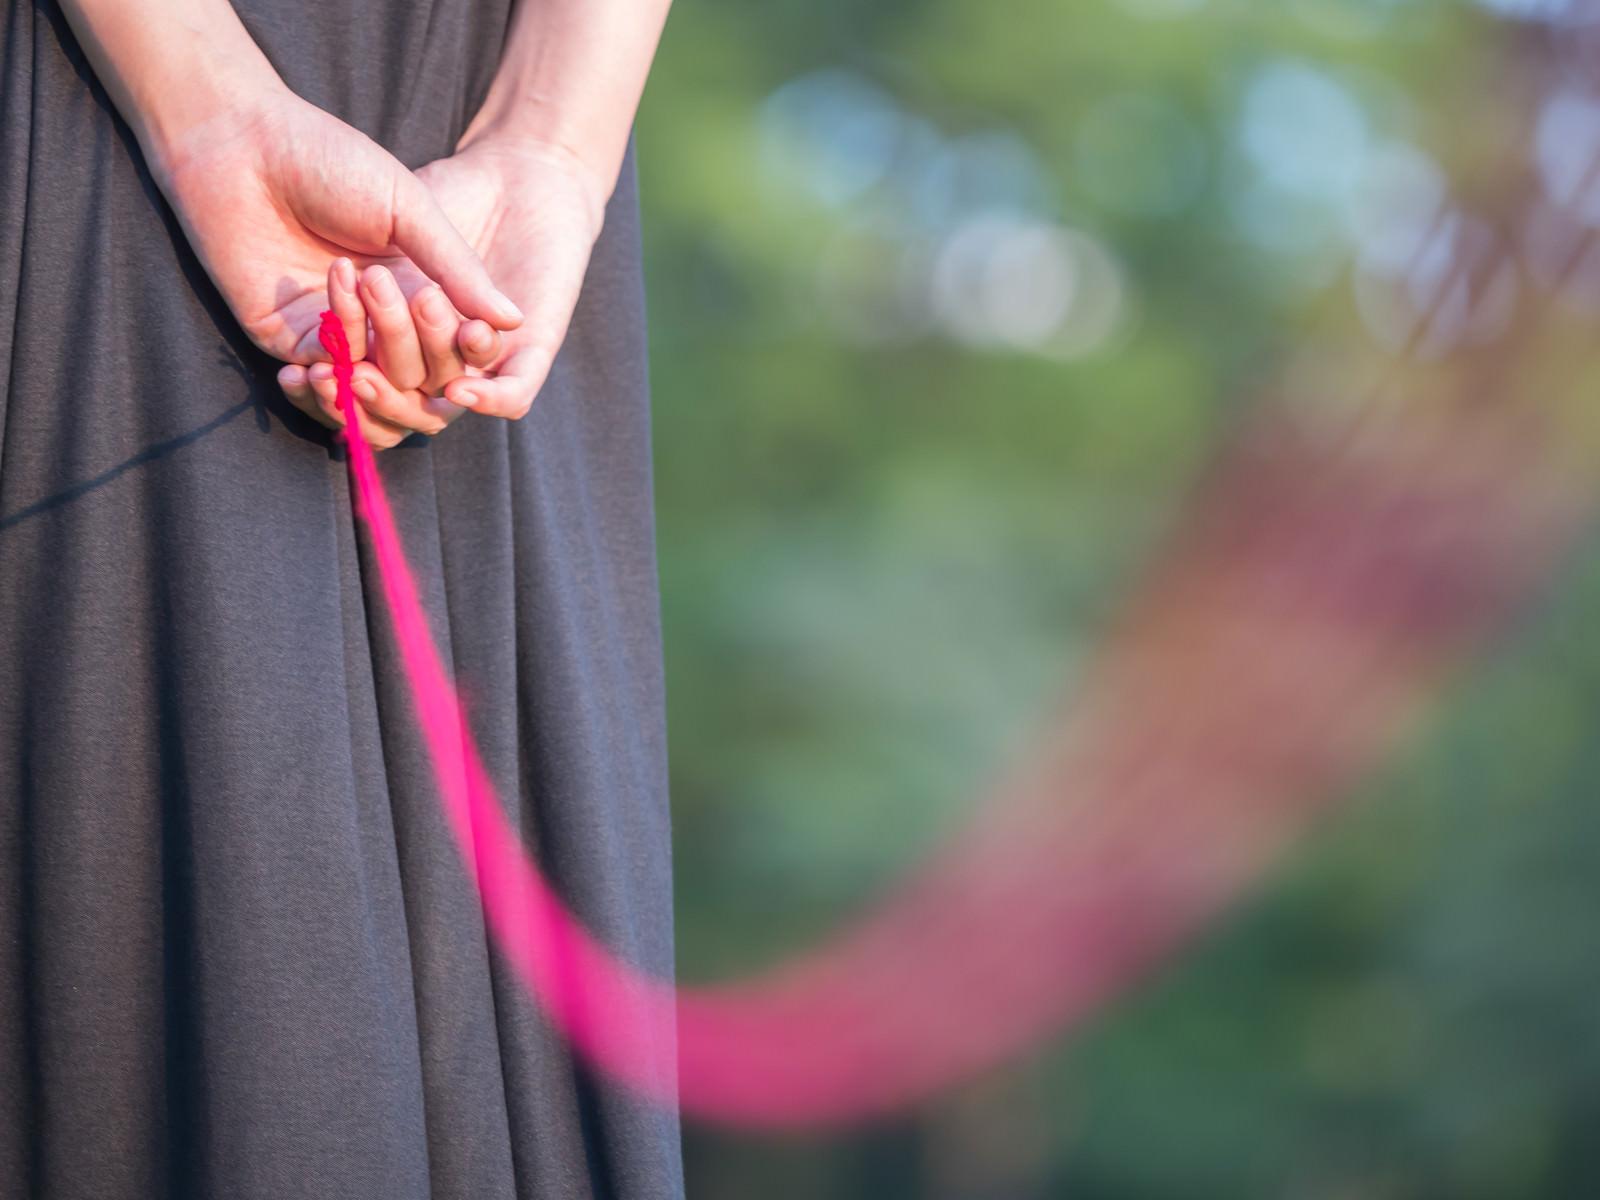 「私と赤い糸で繋がれています」の写真